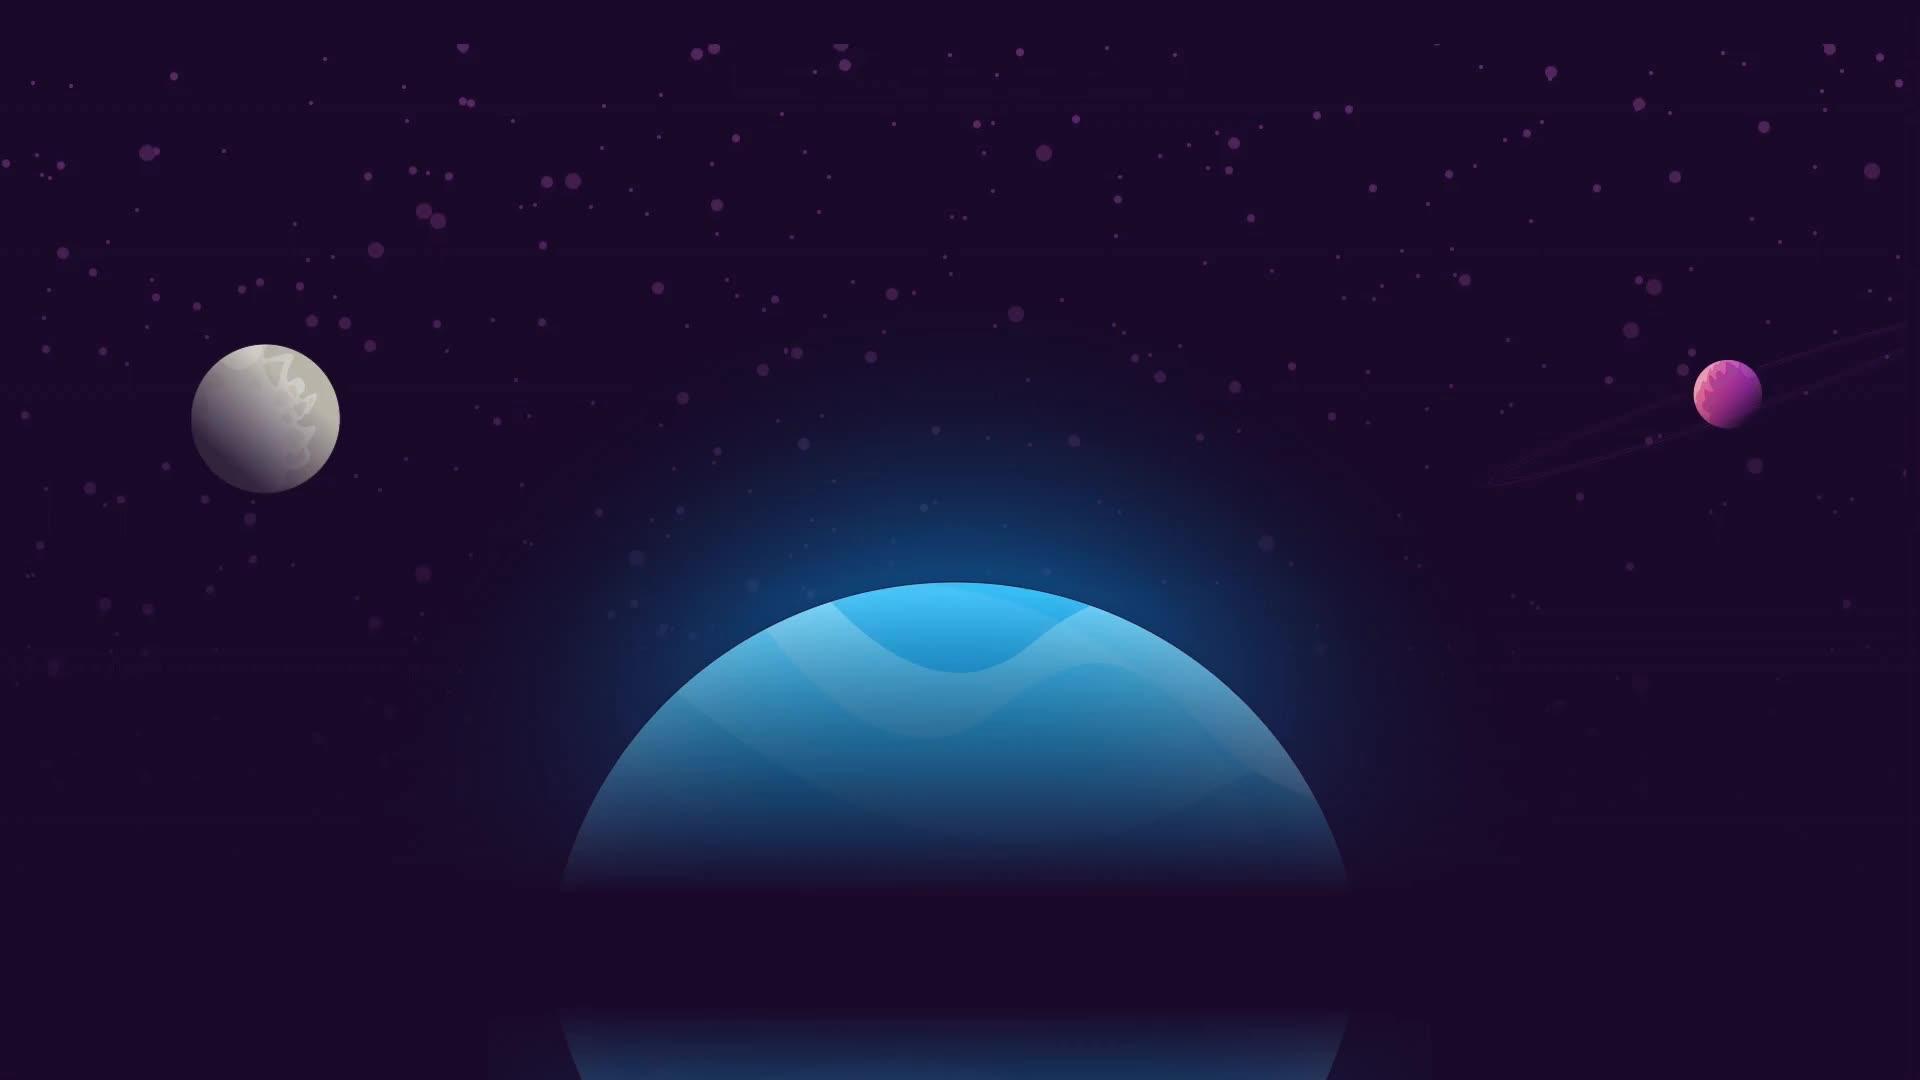 Космос планеты вселенная - живые обои